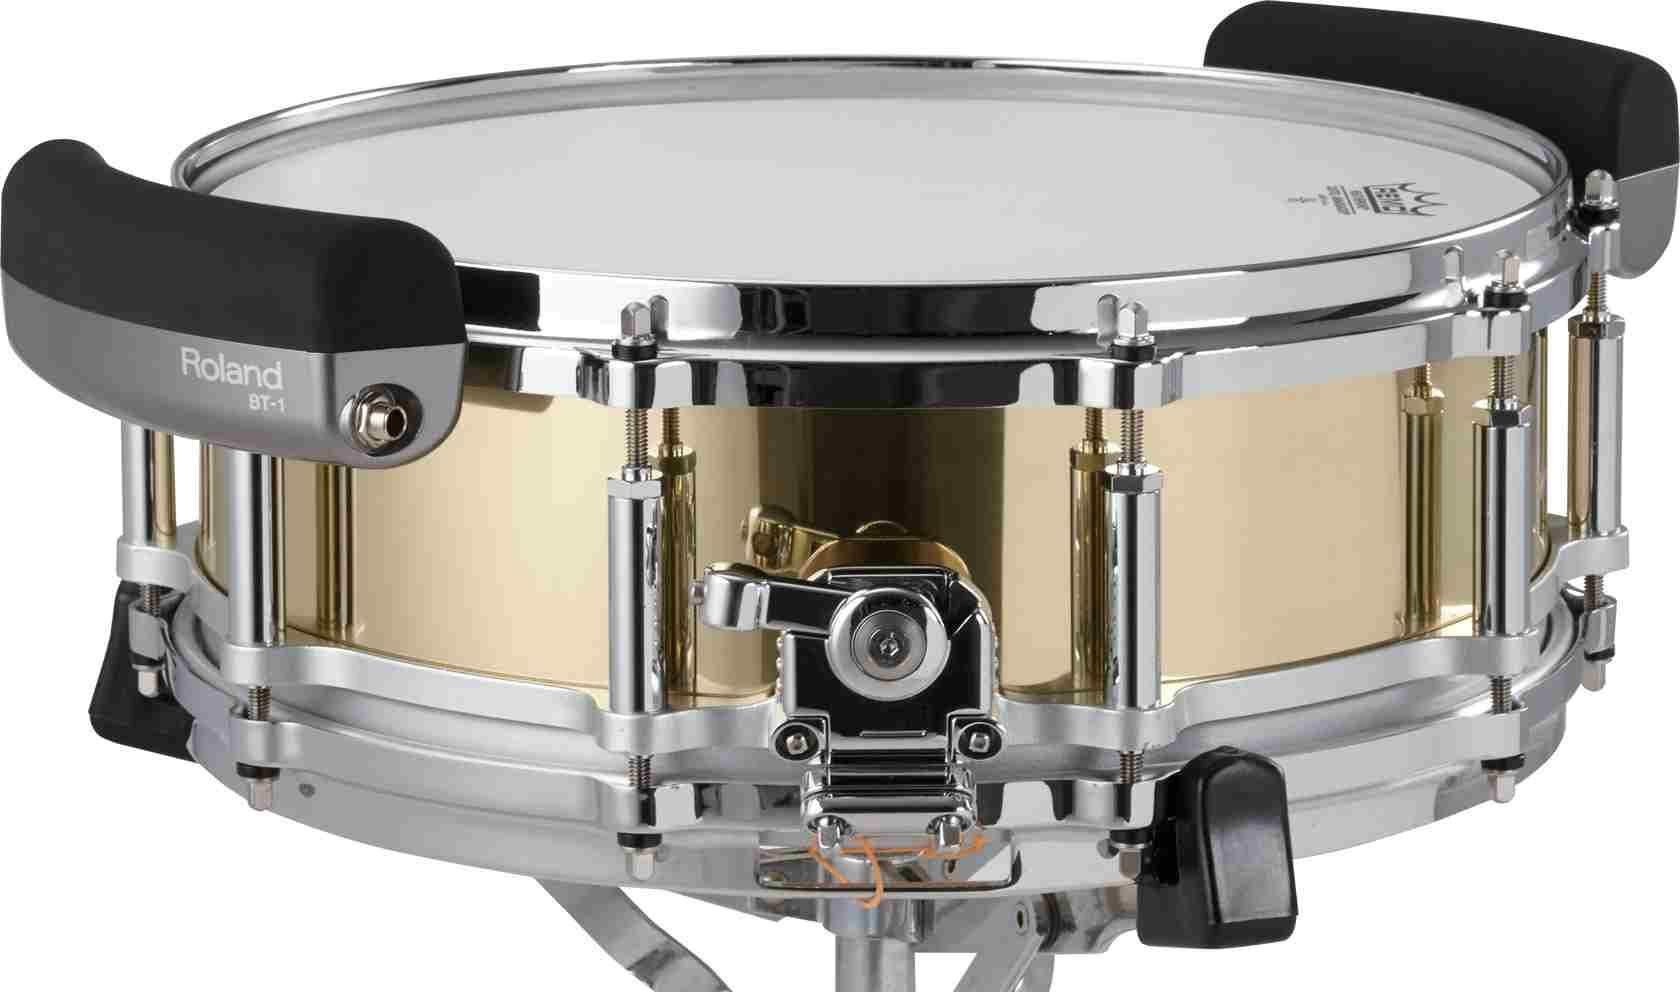 Bt 1 Bar Trigger Pad Versatile Add On For V Pads And Set Drum Acoustic Drums Ringkas Dan Terjangkau Mudah Dipasang Sebagai Electronik